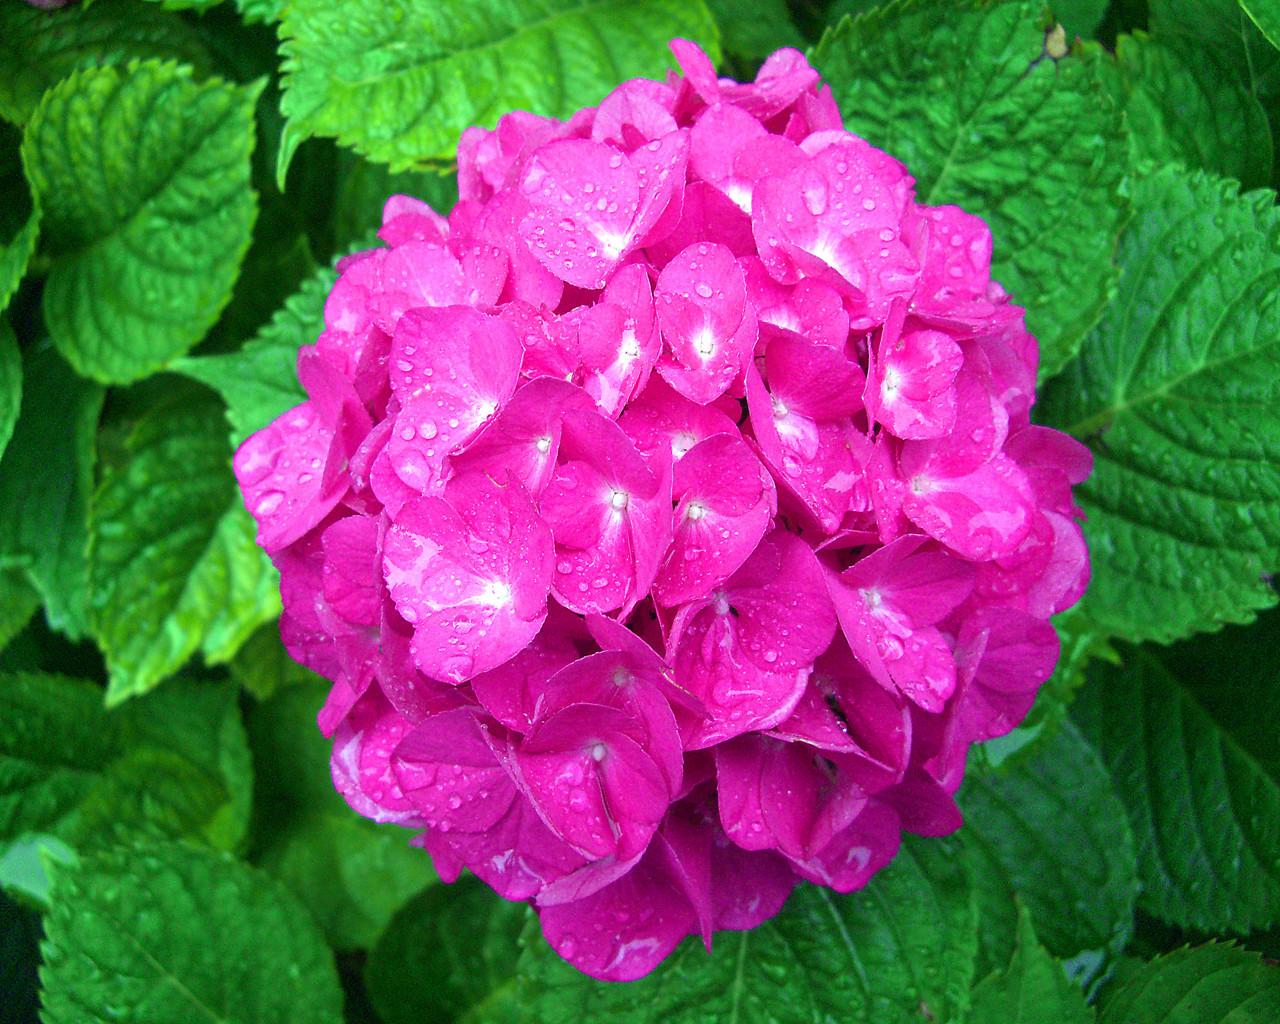 hydrangea flowers wallpaper  x, Natural flower